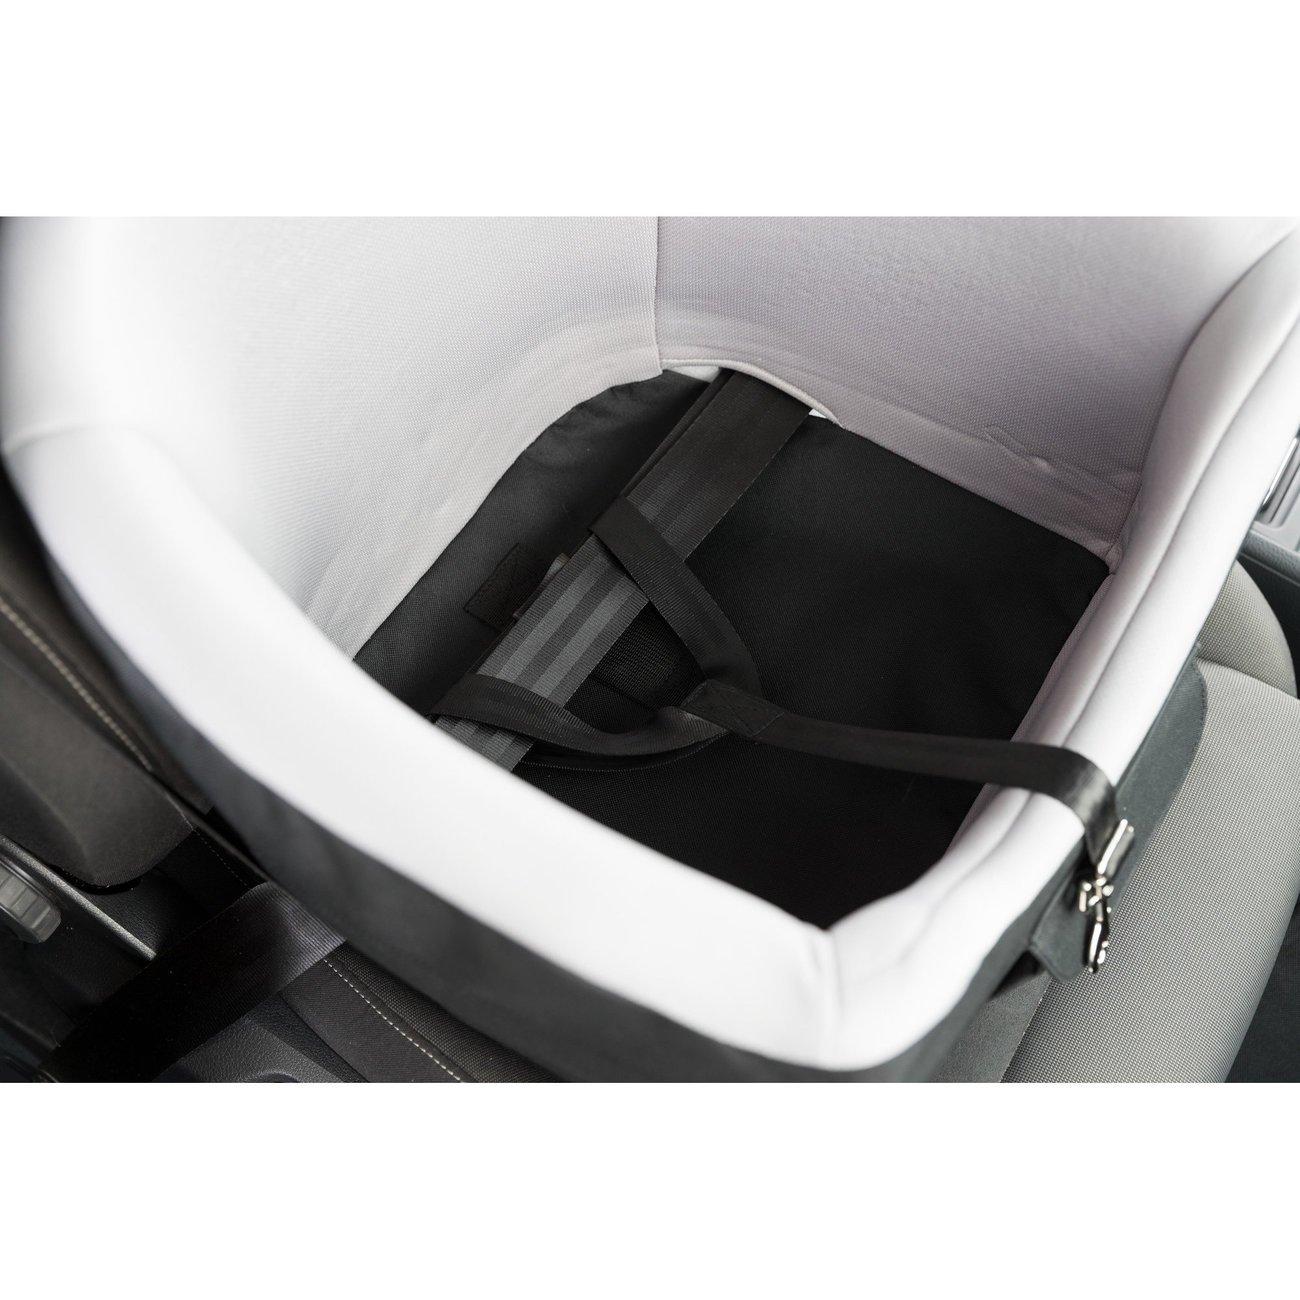 TRIXIE Autositz für kleine Hunde bis 8 kg 13176, Bild 22